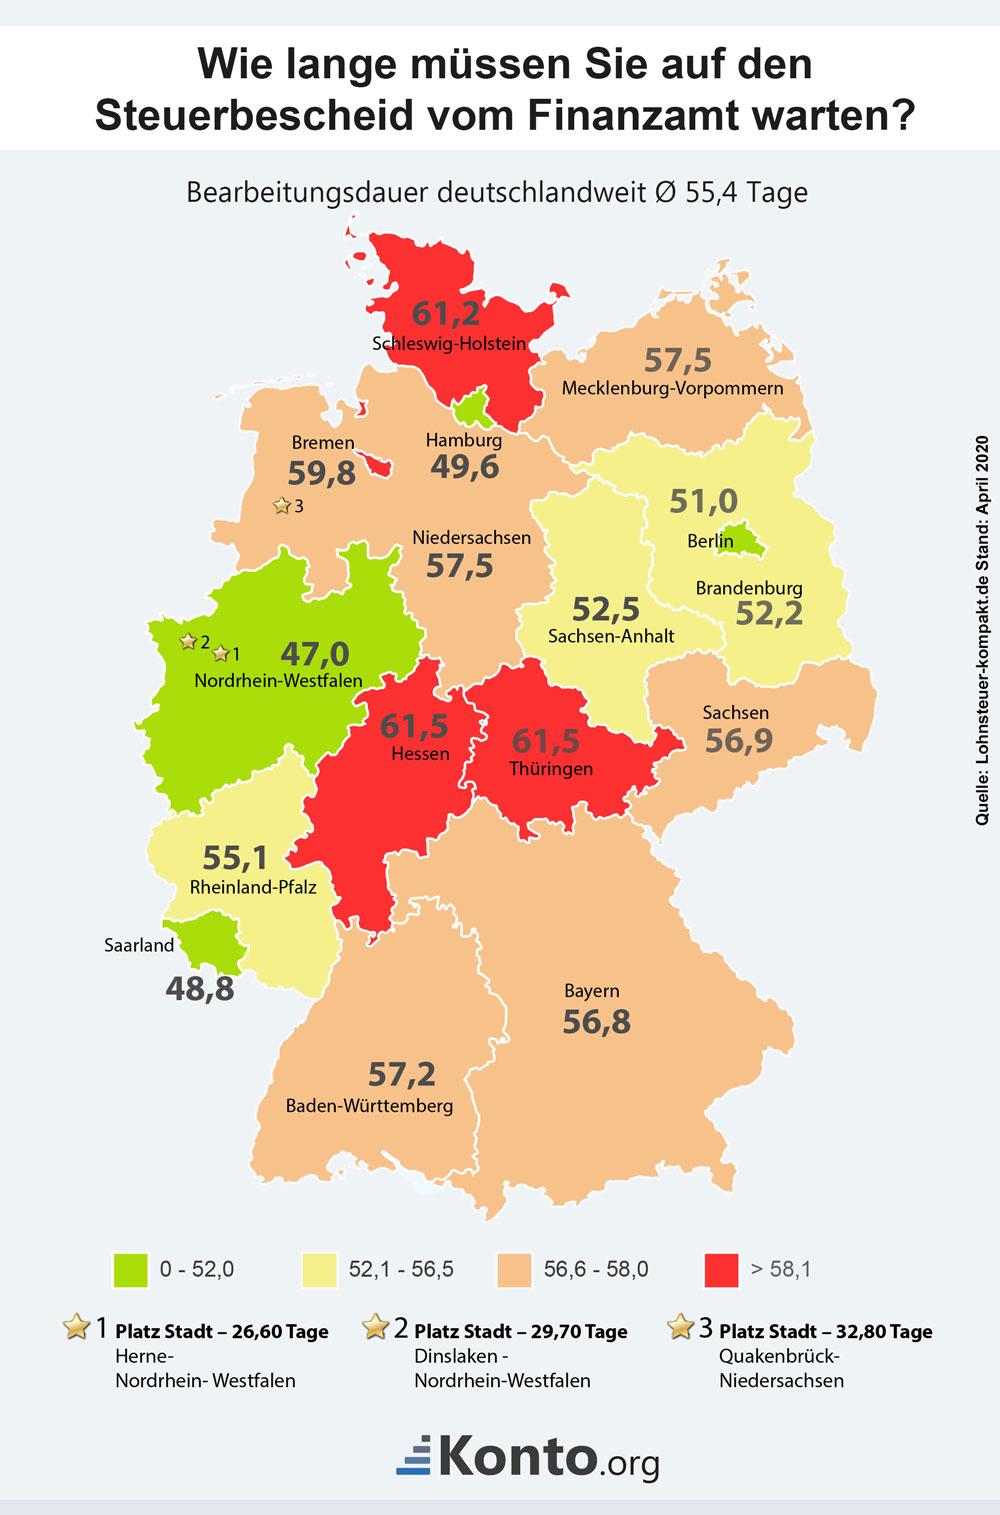 infografik-schnellste-finanzaemter-steuerbescheid-bundesländer